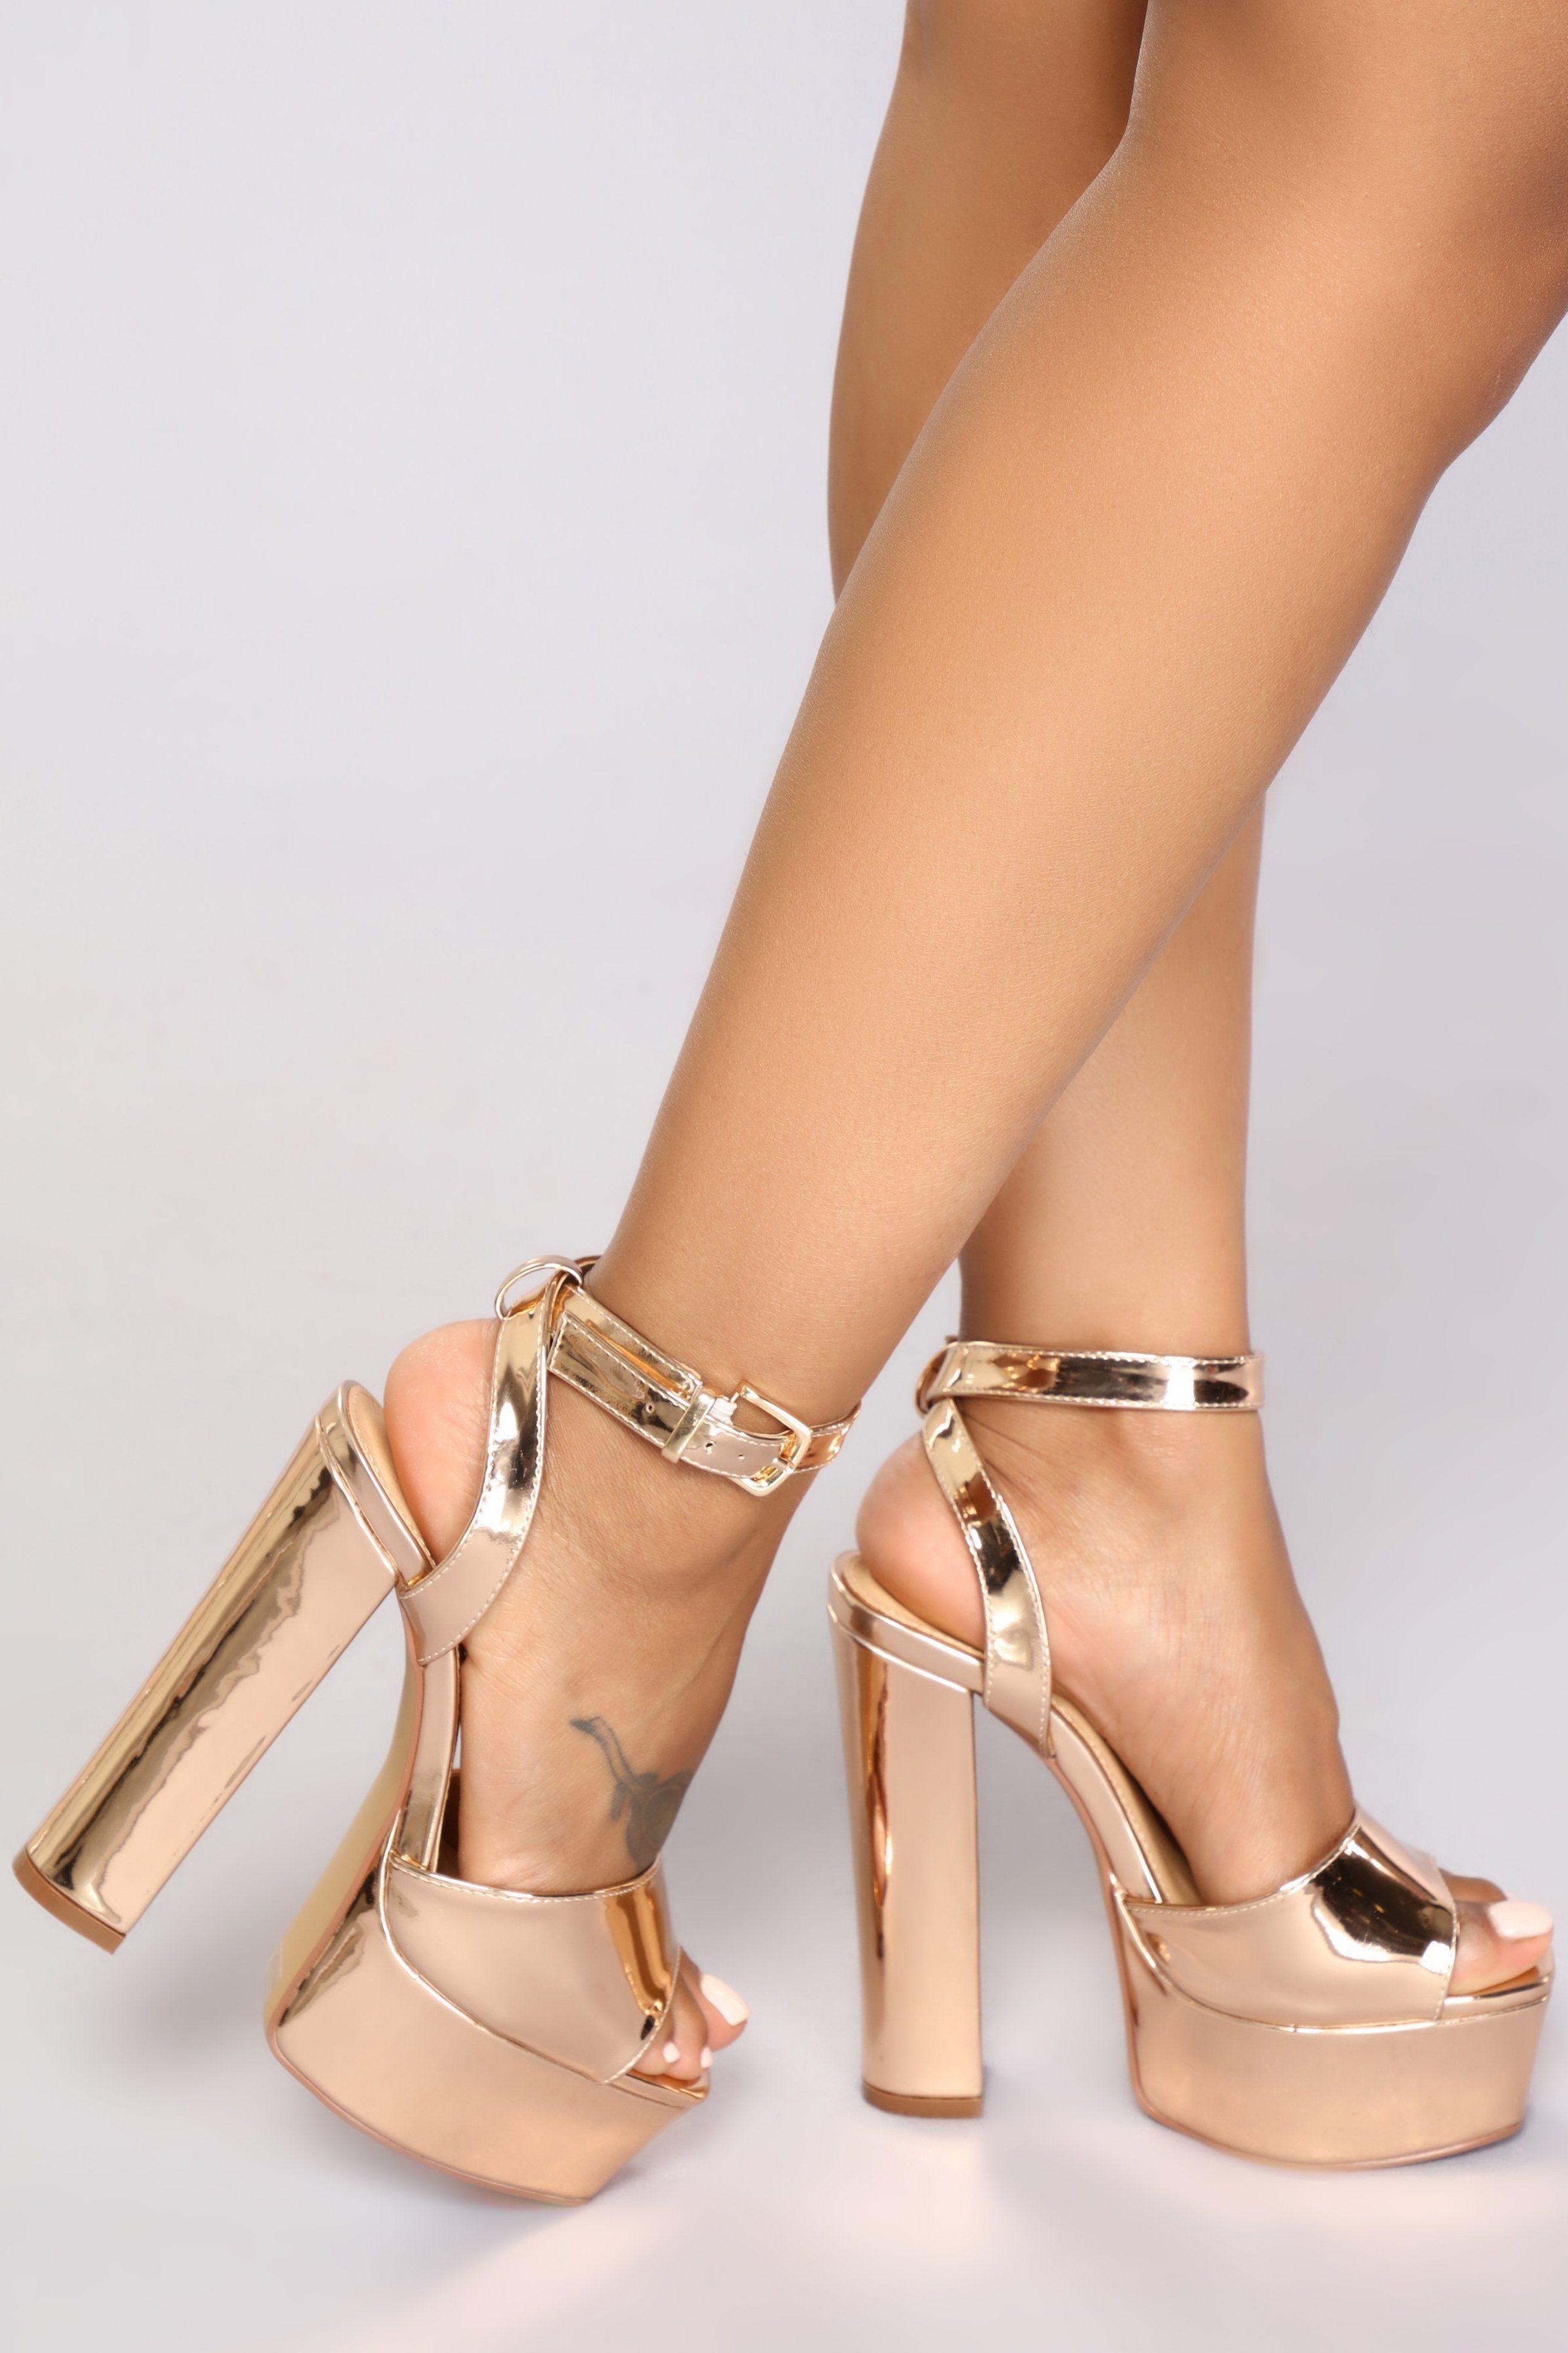 Gold stiletto heels, Stiletto heels